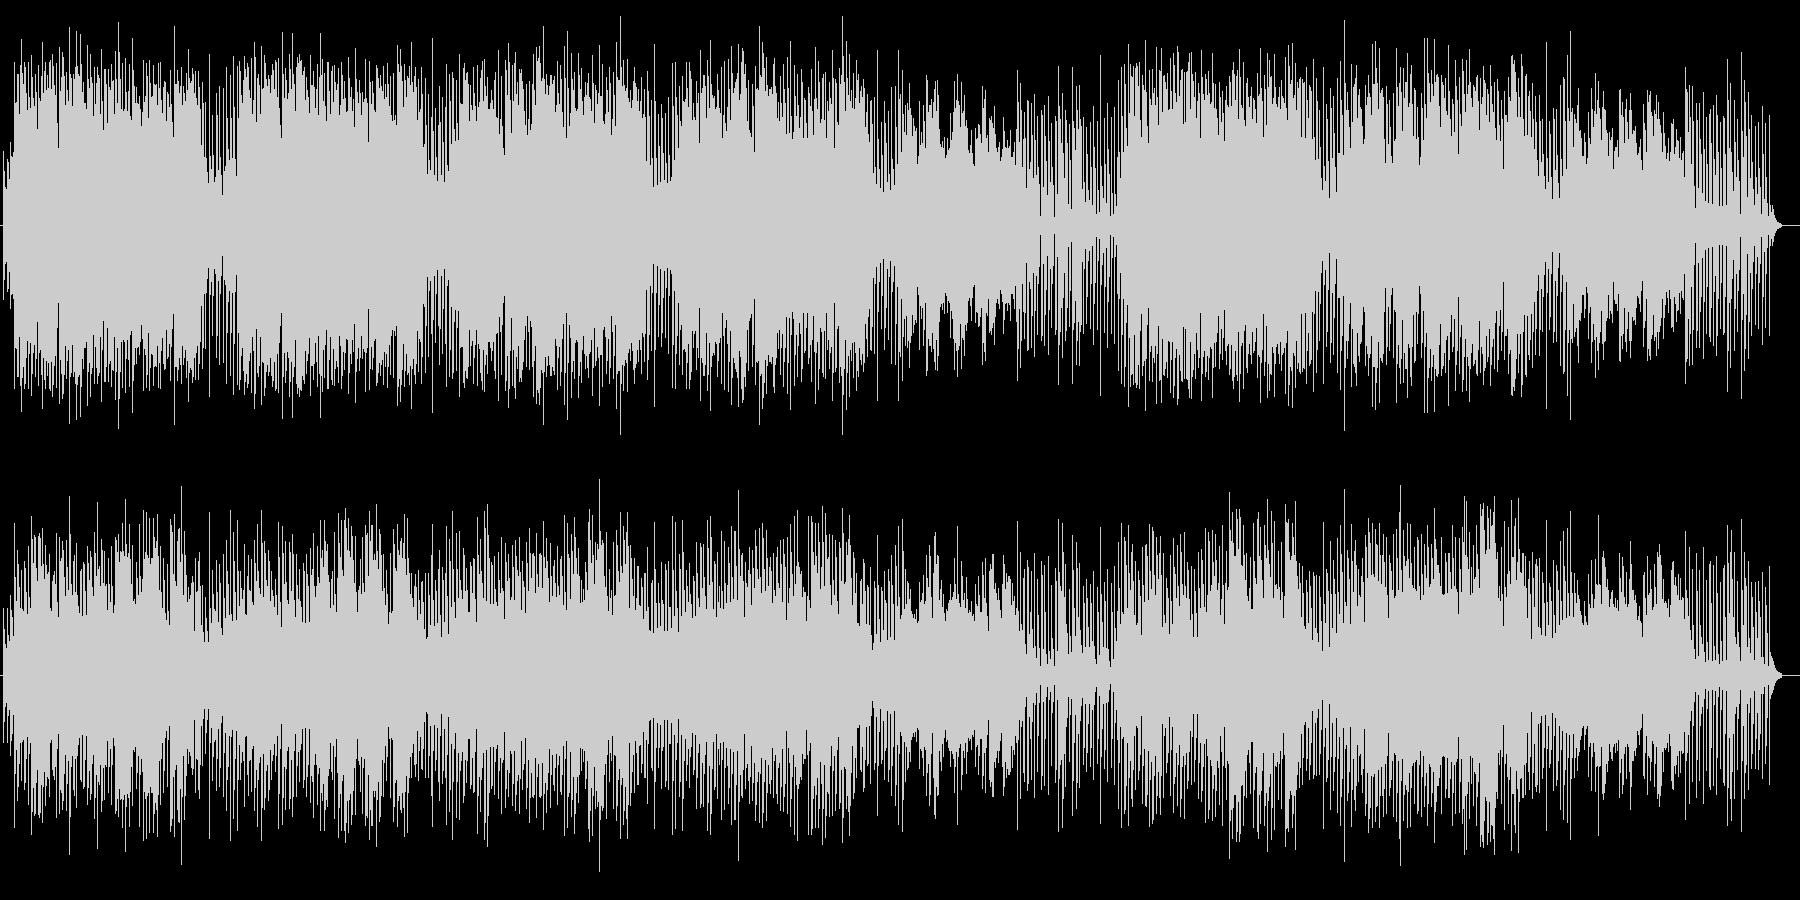 優しく切ないシンセサイザーサウンドの未再生の波形